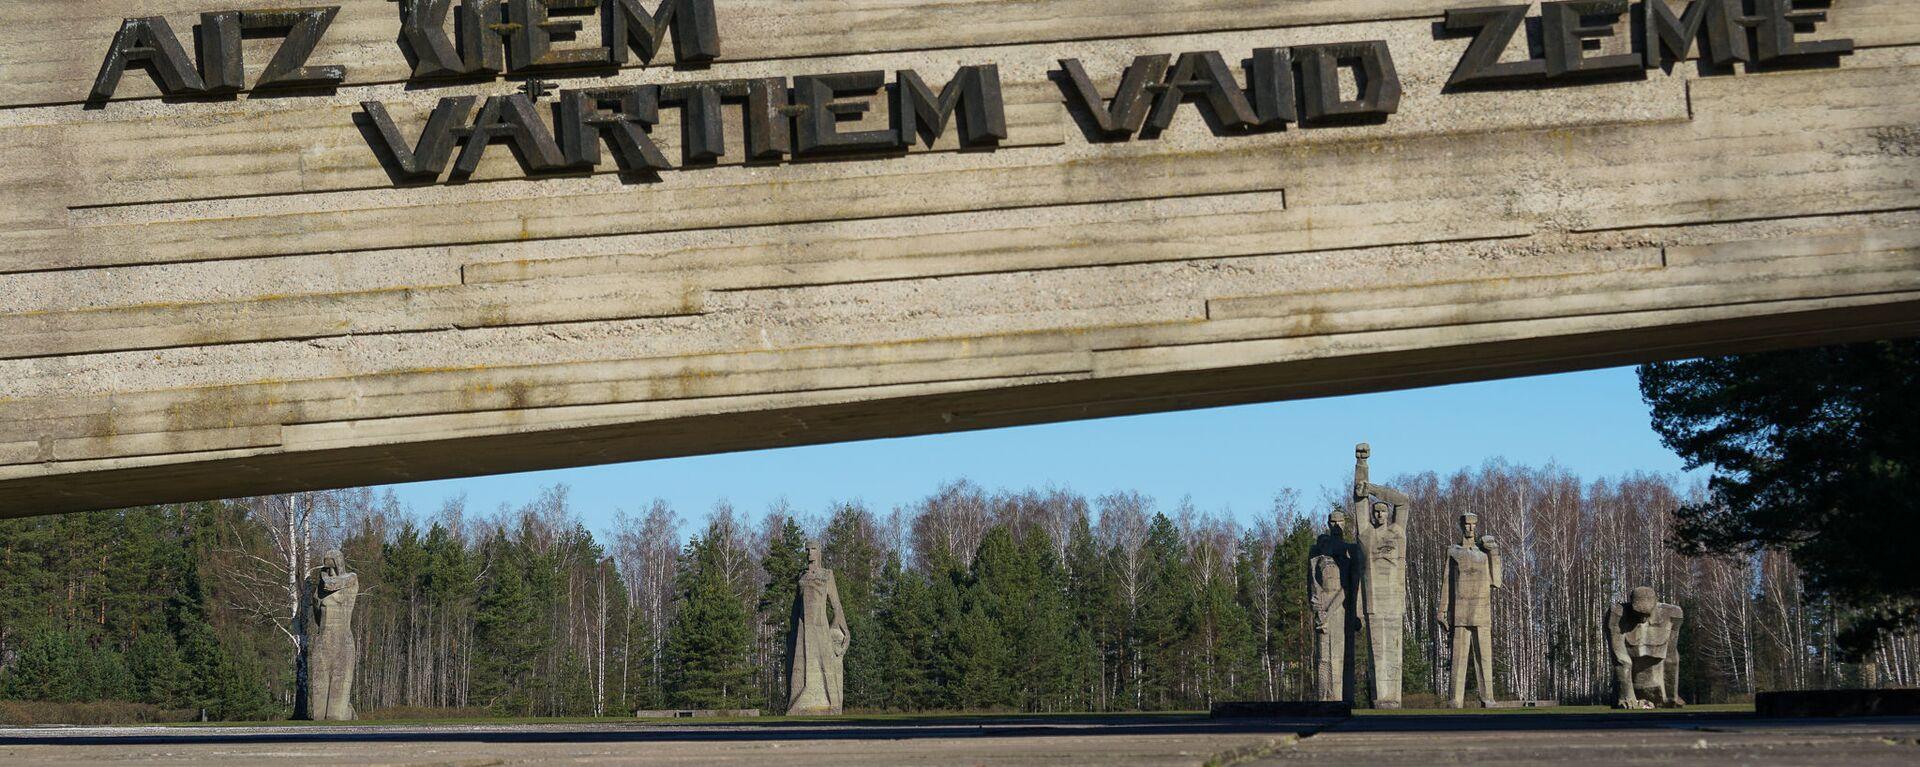 Мемориал памяти жертв нацизма в Саласпилсе, Латвия. Надпись: За этими воротами стонет земля - Sputnik Латвия, 1920, 16.12.2020